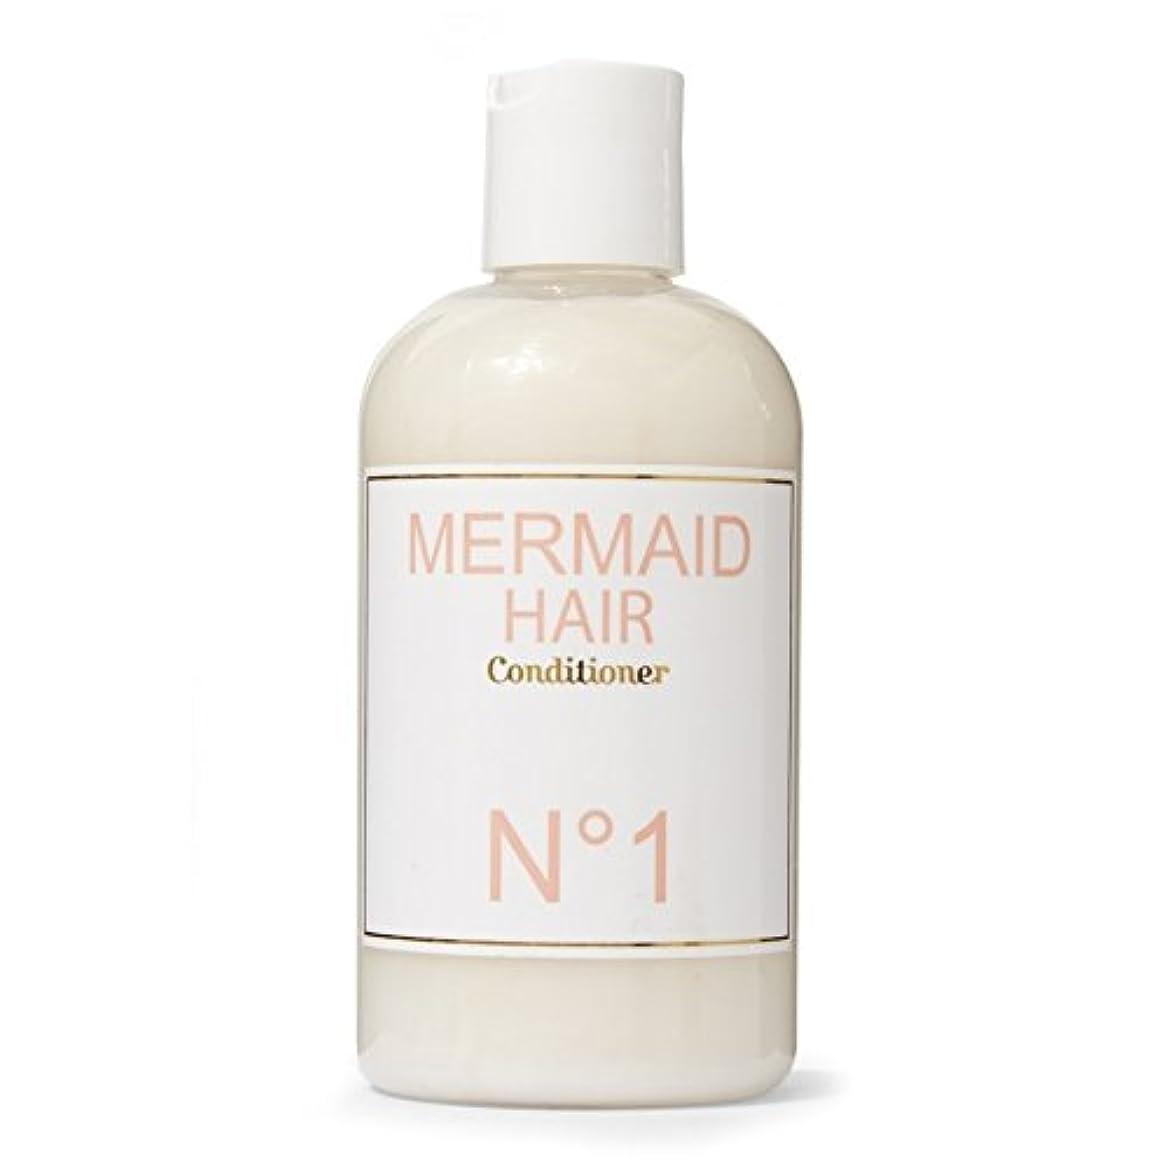 一致適性引き付けるMermaid Perfume Mermaid Conditioner 300ml - 人魚香水人魚コンディショナー300ミリリットル [並行輸入品]